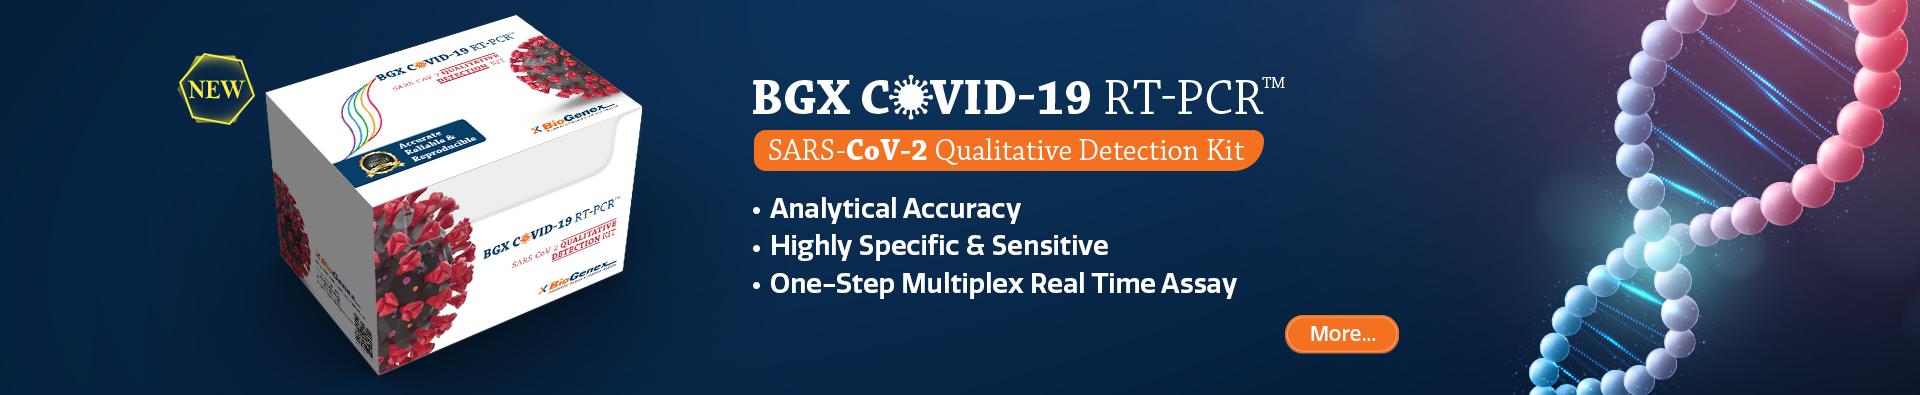 BGX COVID-19 RT-PCR